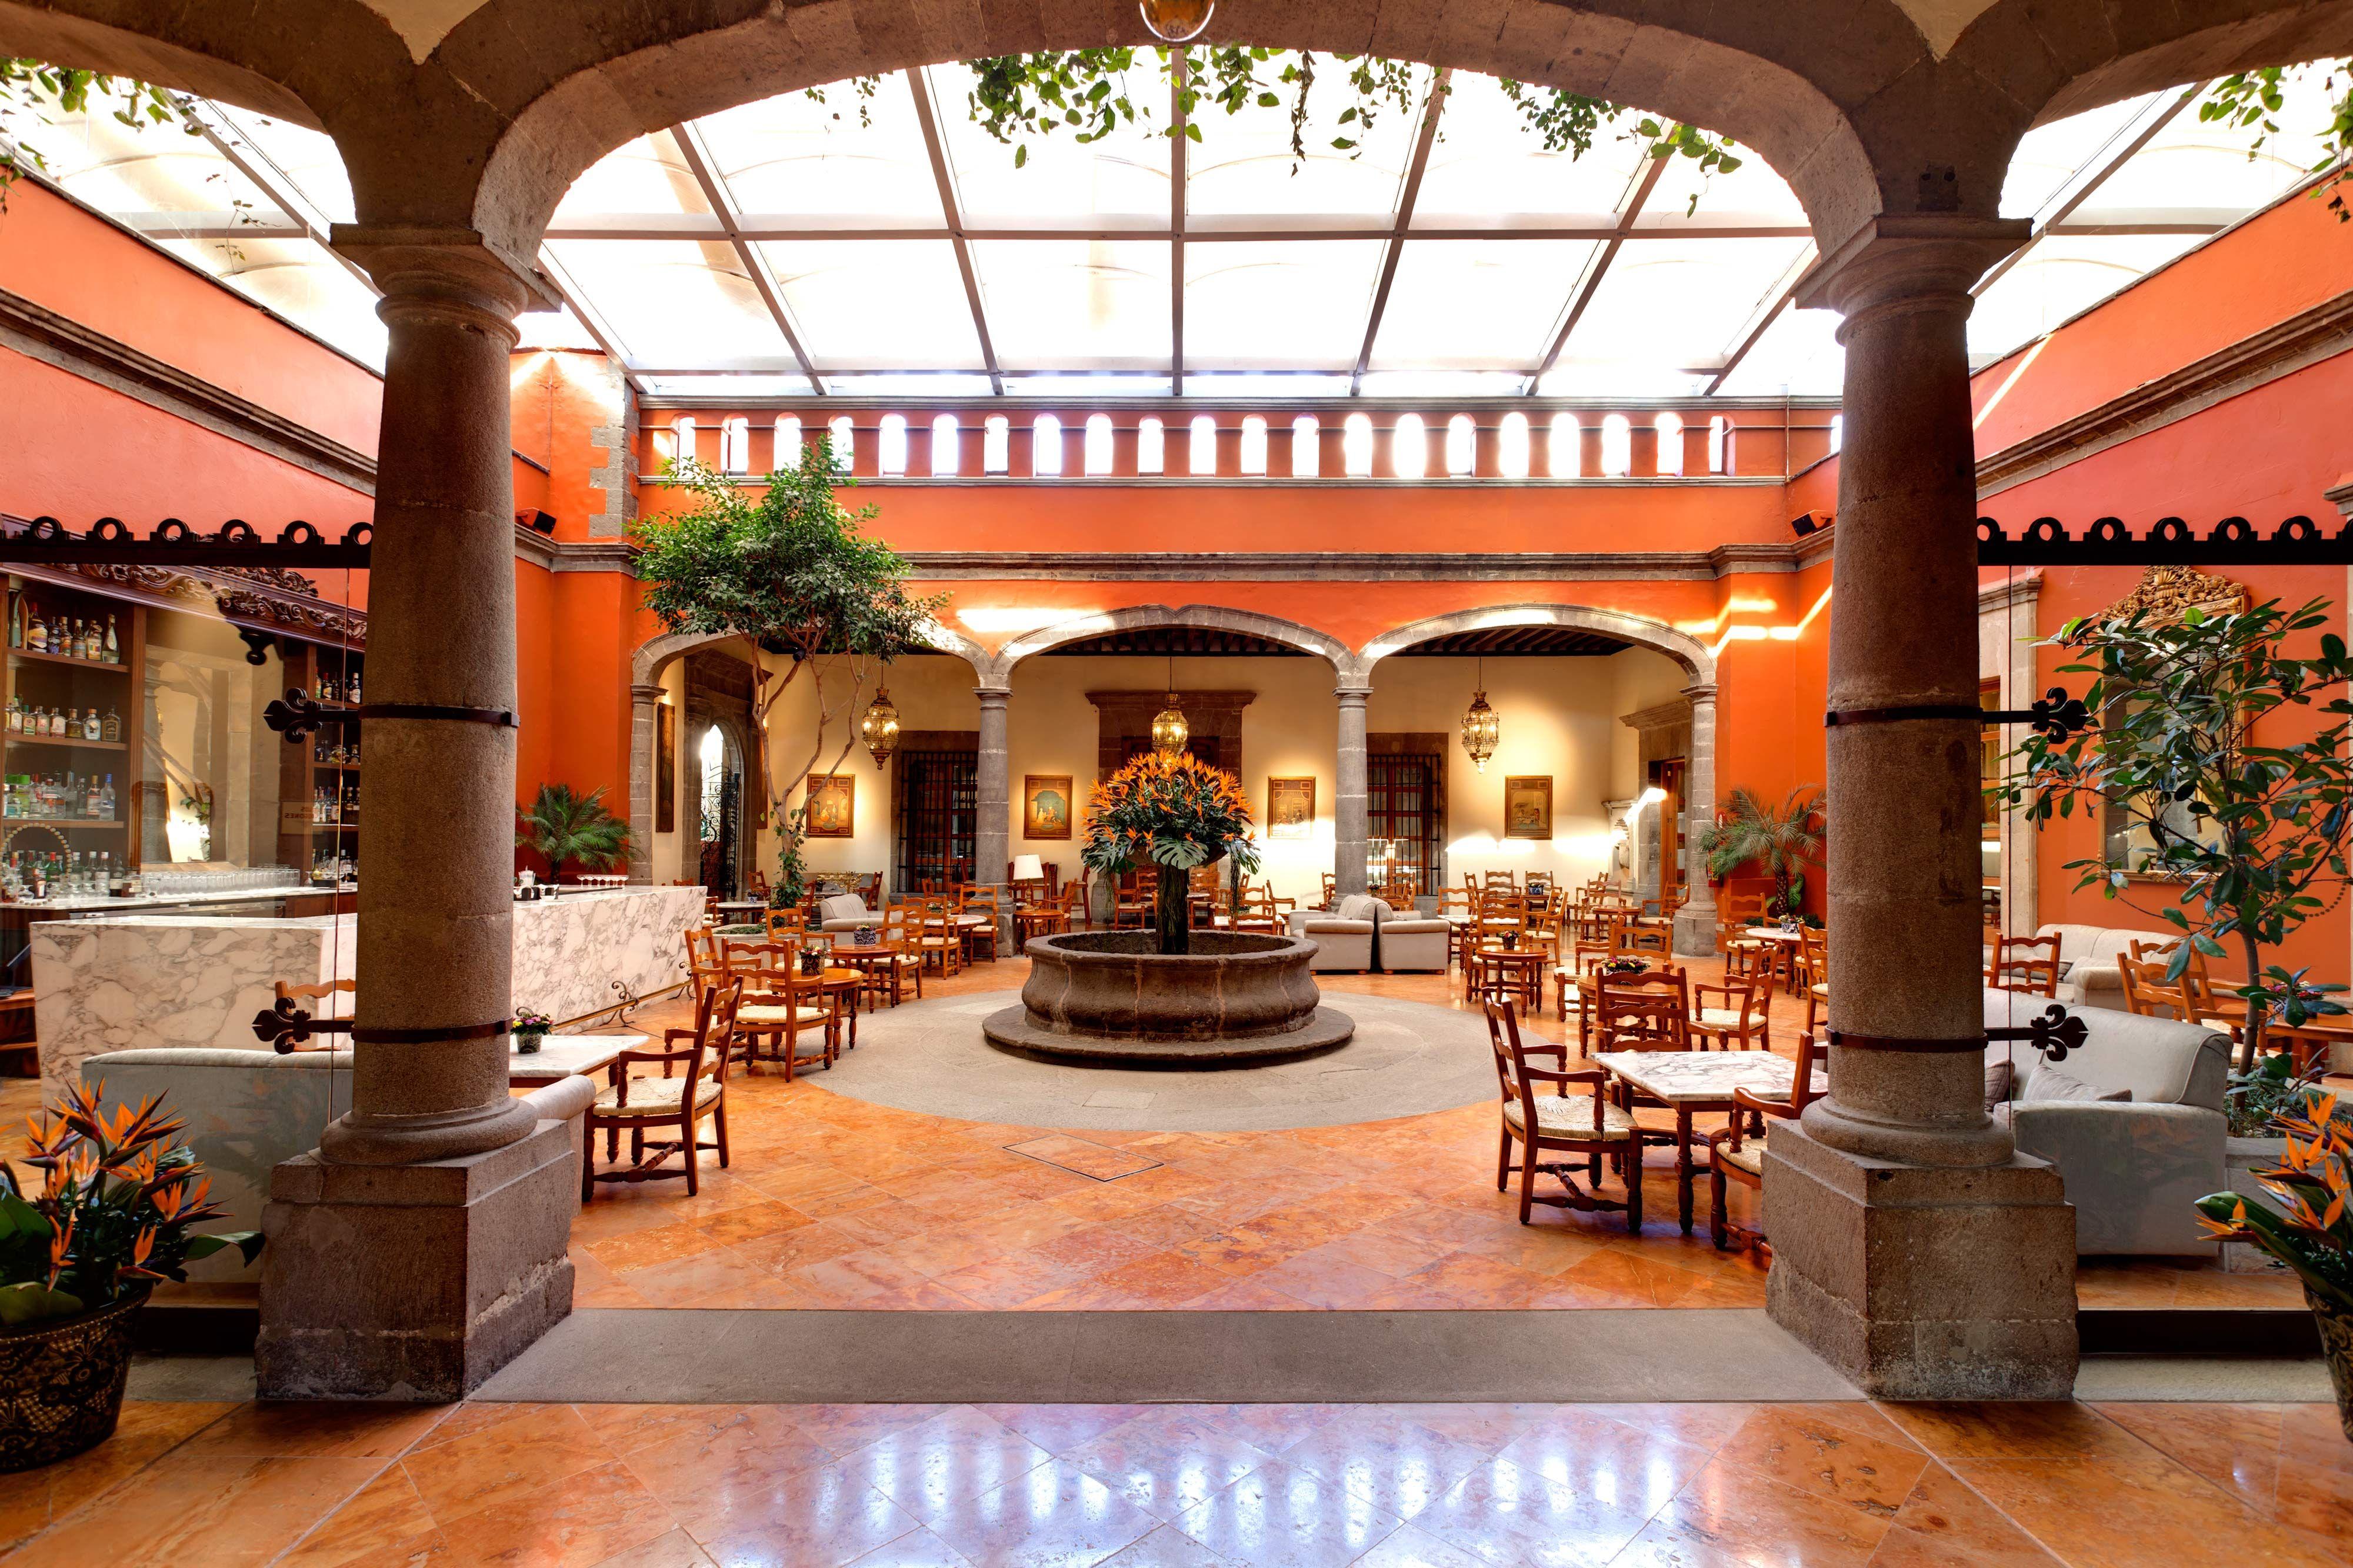 Hacienda de Los Morales, Mexico City Hacienda style